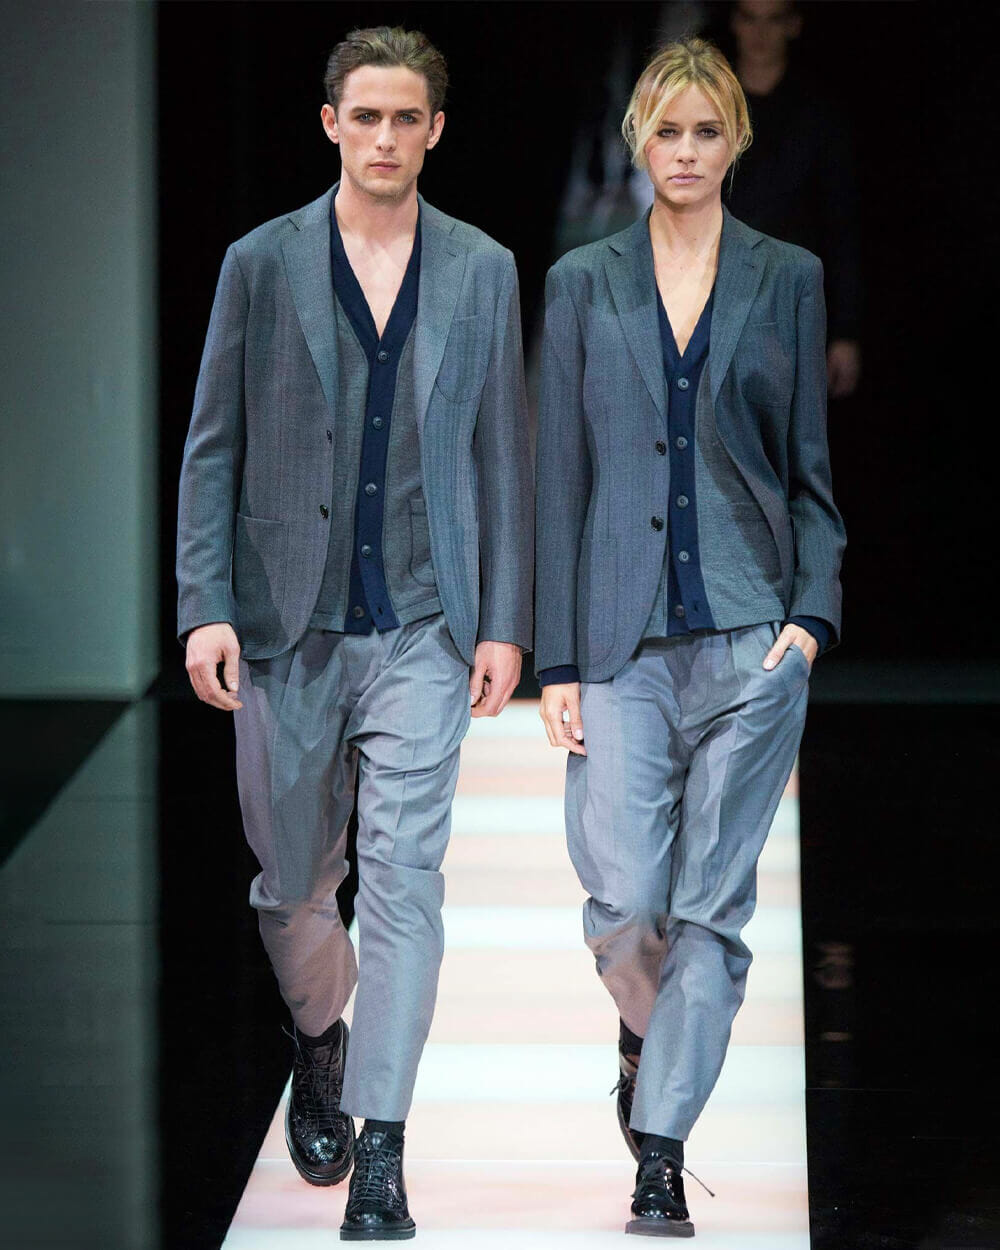 Giorgio Armani Androgynous Fashion